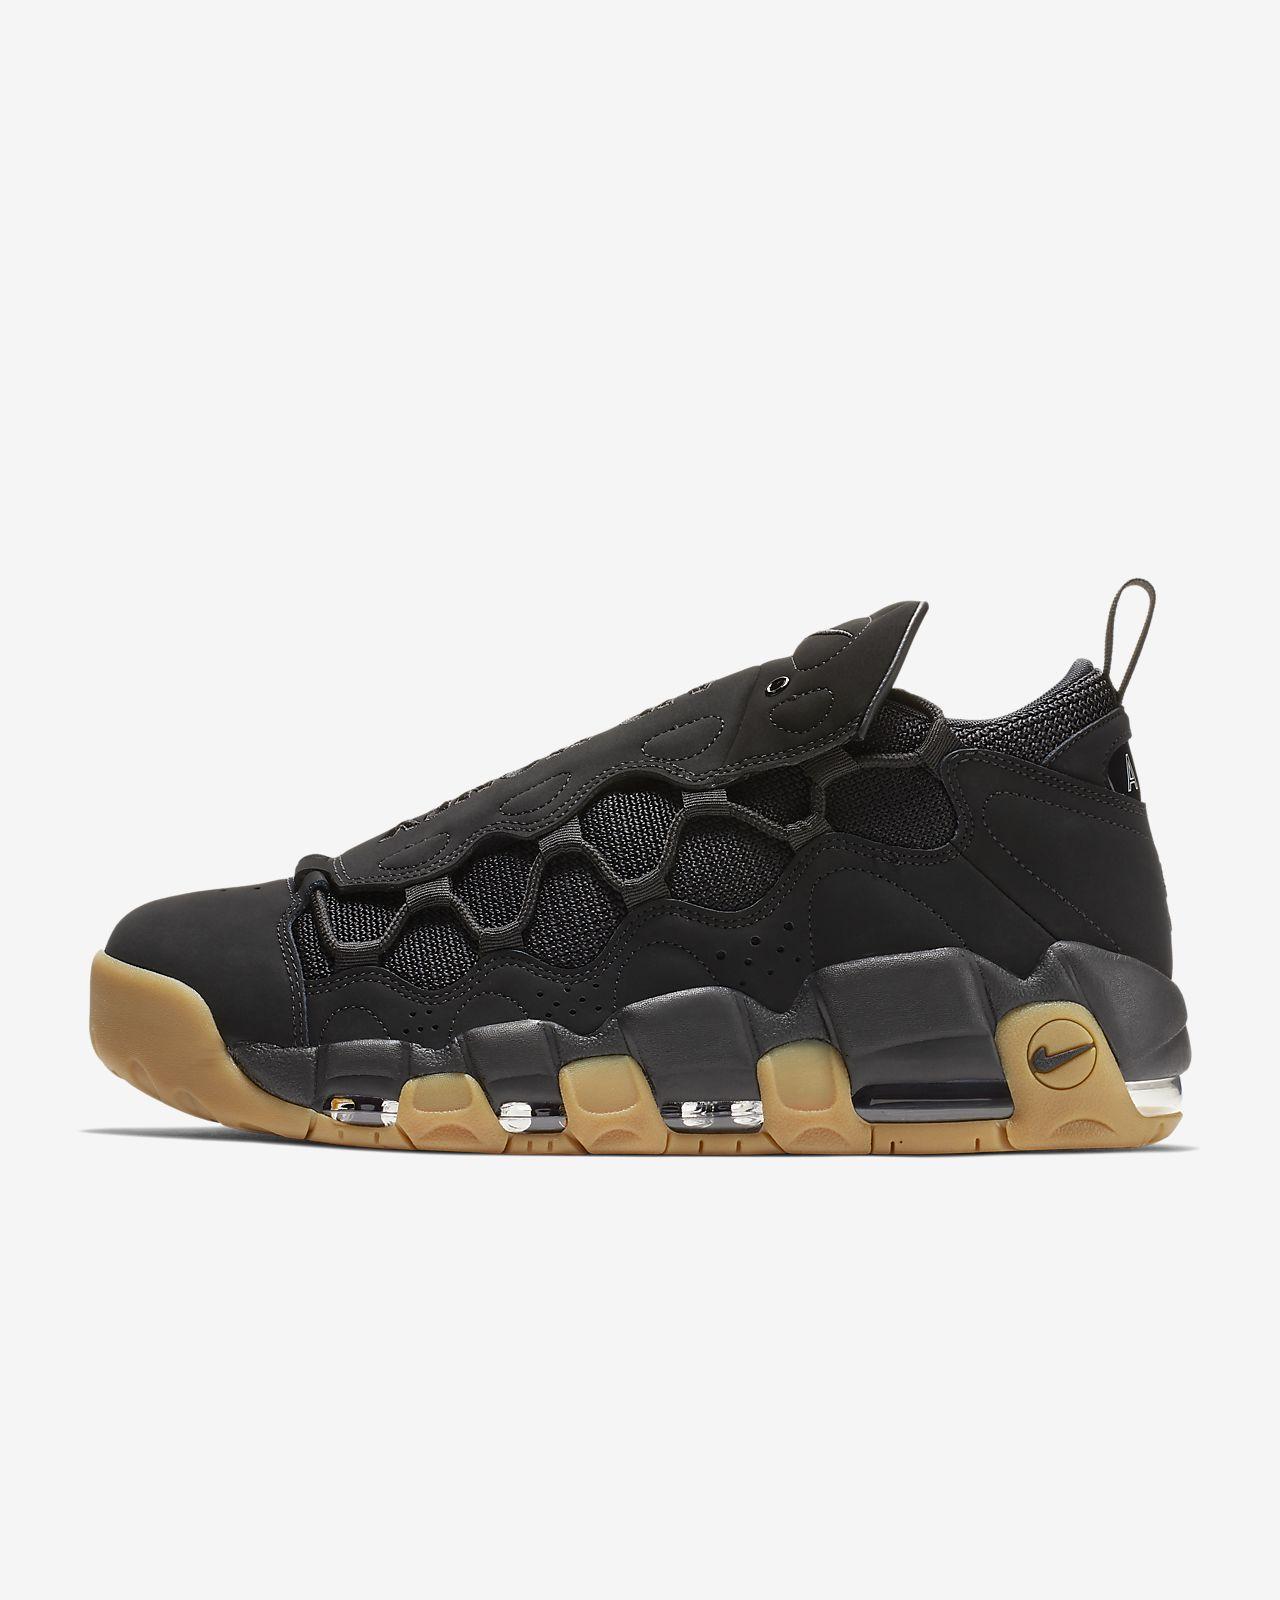 0e7475c3a Sapatilhas Nike Air More Money para homem. Nike.com PT